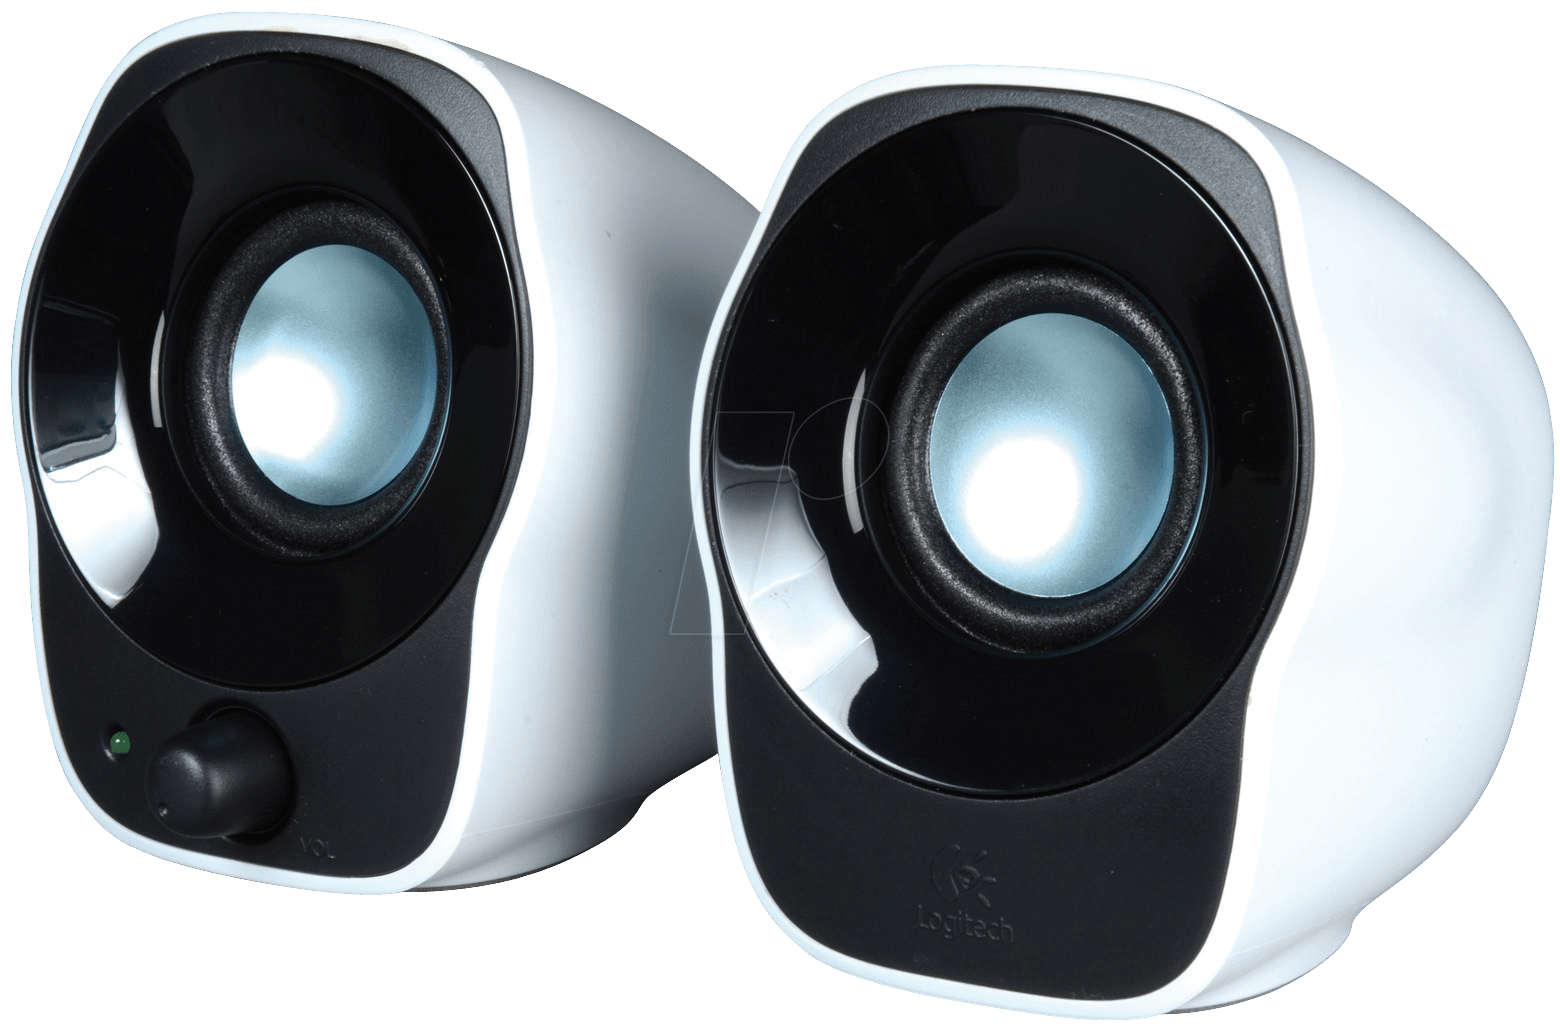 Enceinte Logitech Z120 - Blanc/Noir - 980-000513